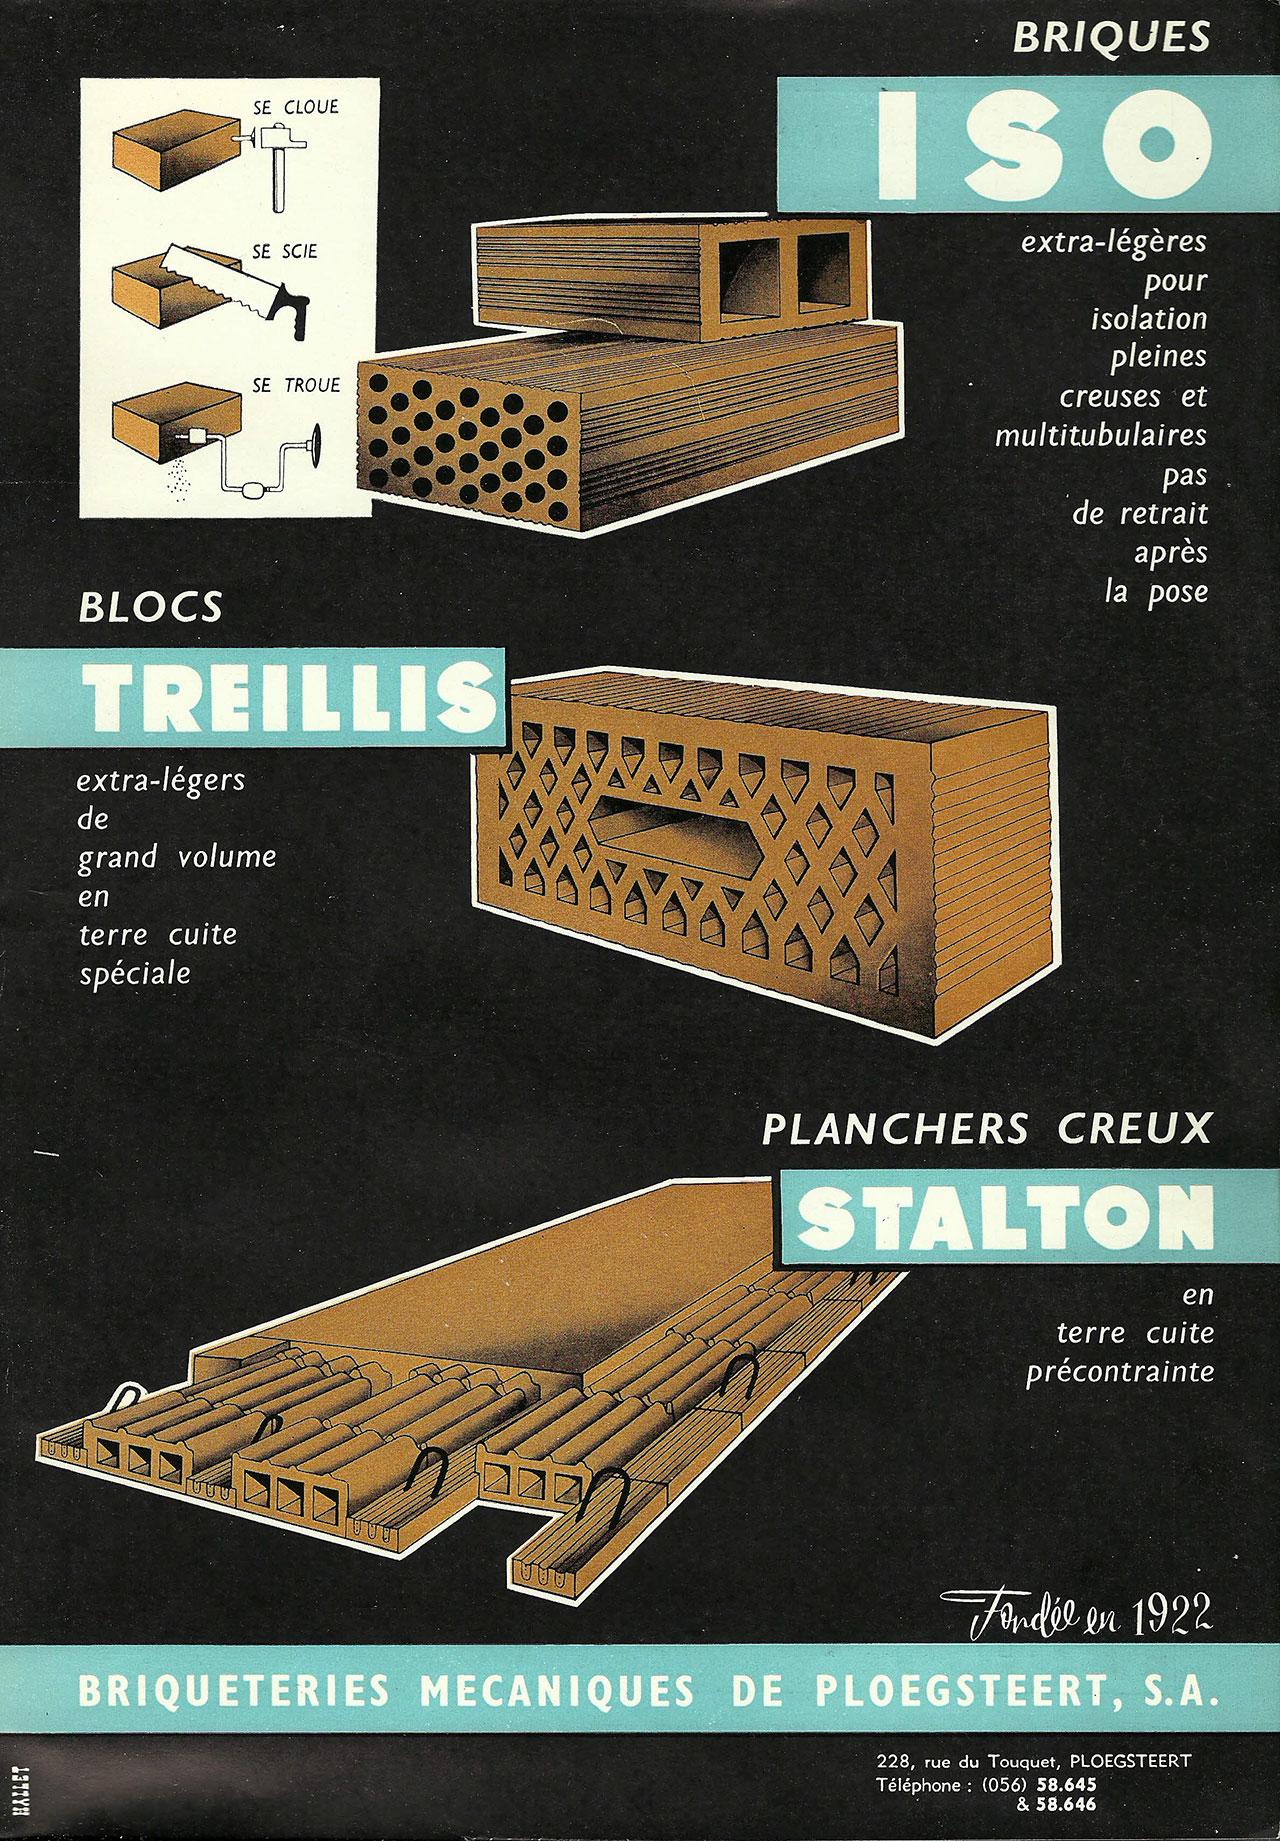 Blocs Treillis, Planchers Creux